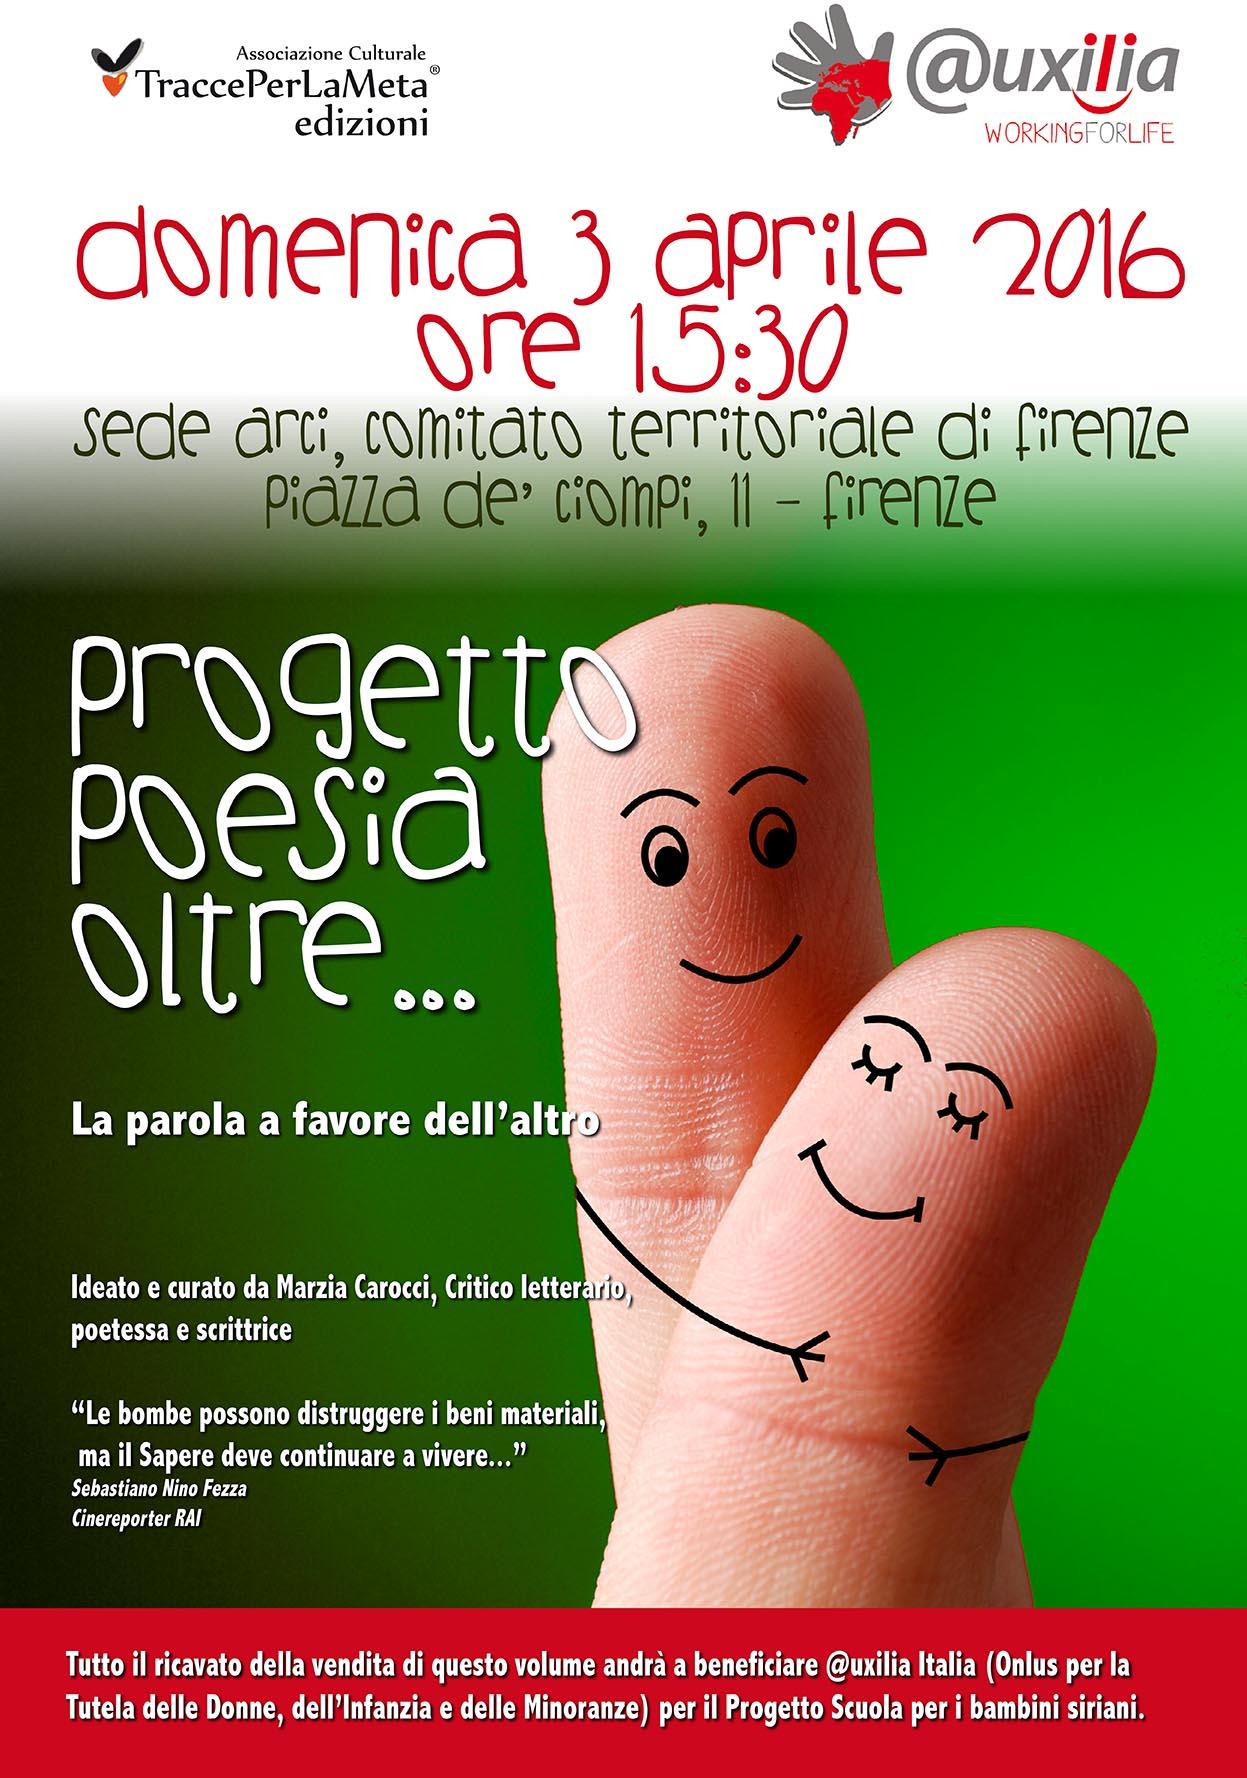 20160403_Presentazione_Firenze